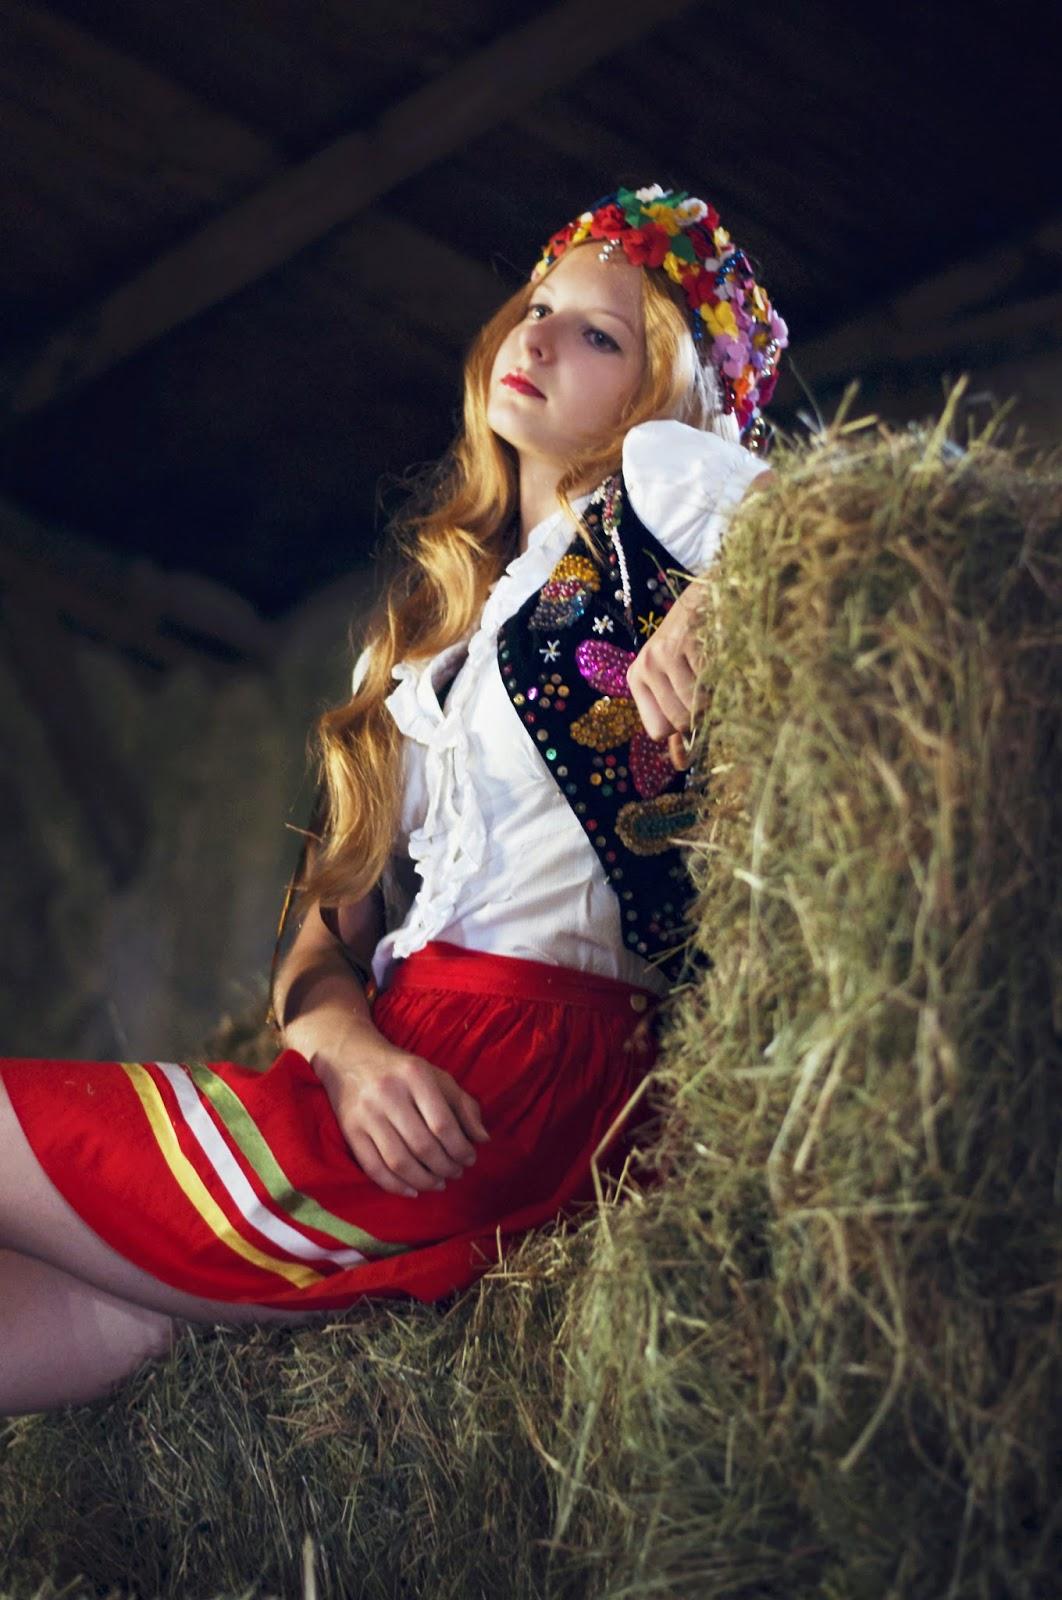 Slavic Girls Pics